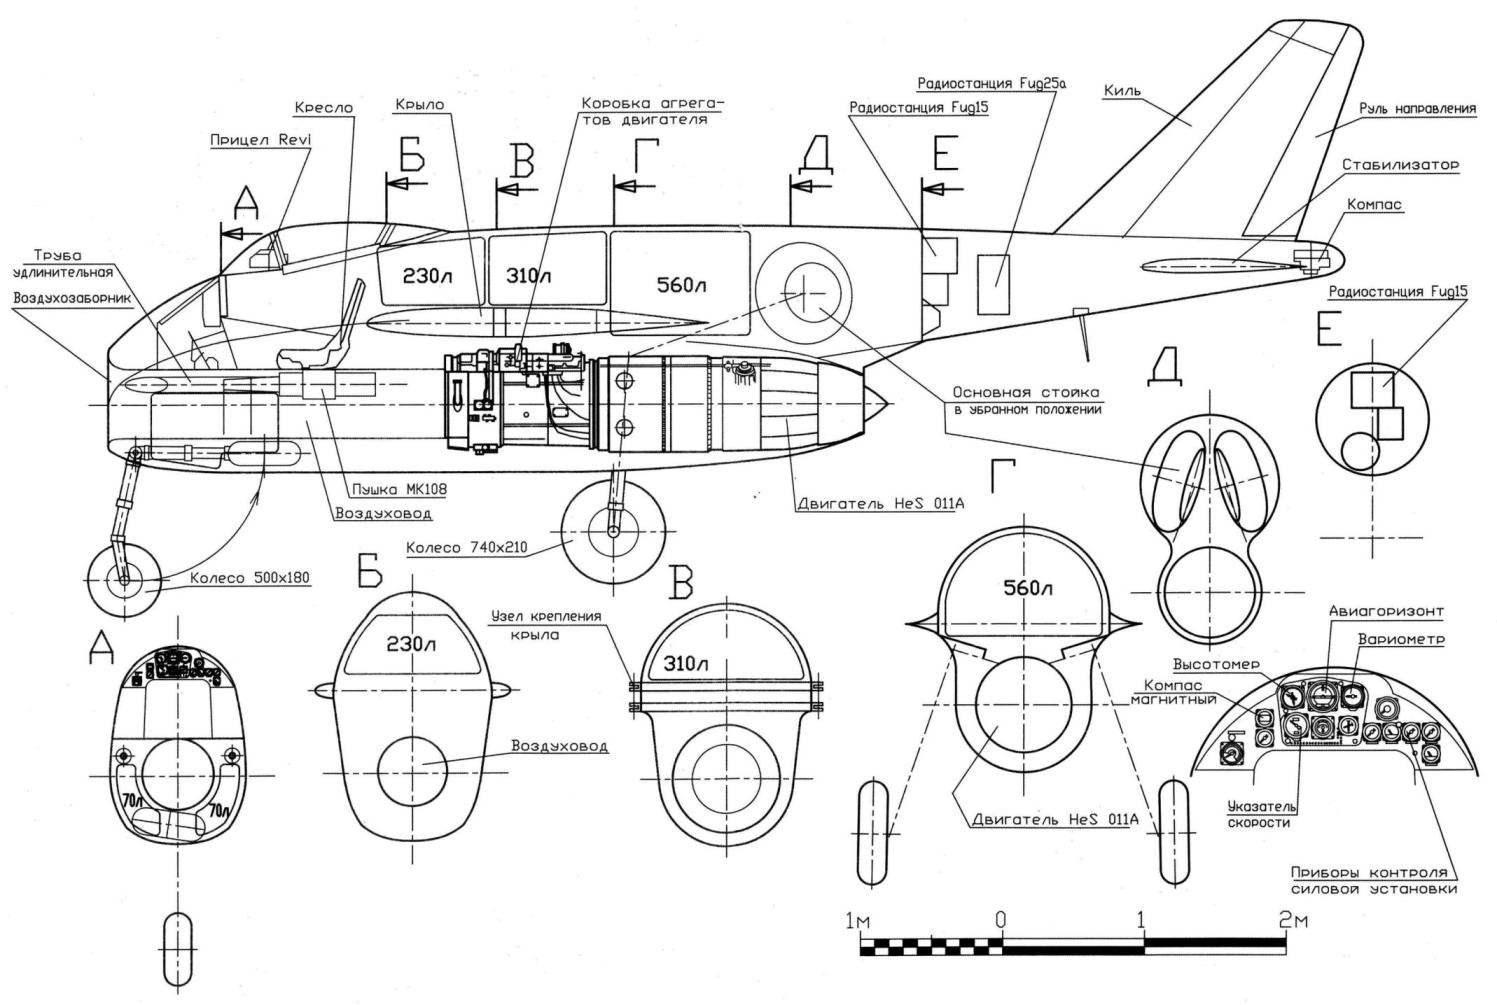 Компоновка истребителя Р 1101